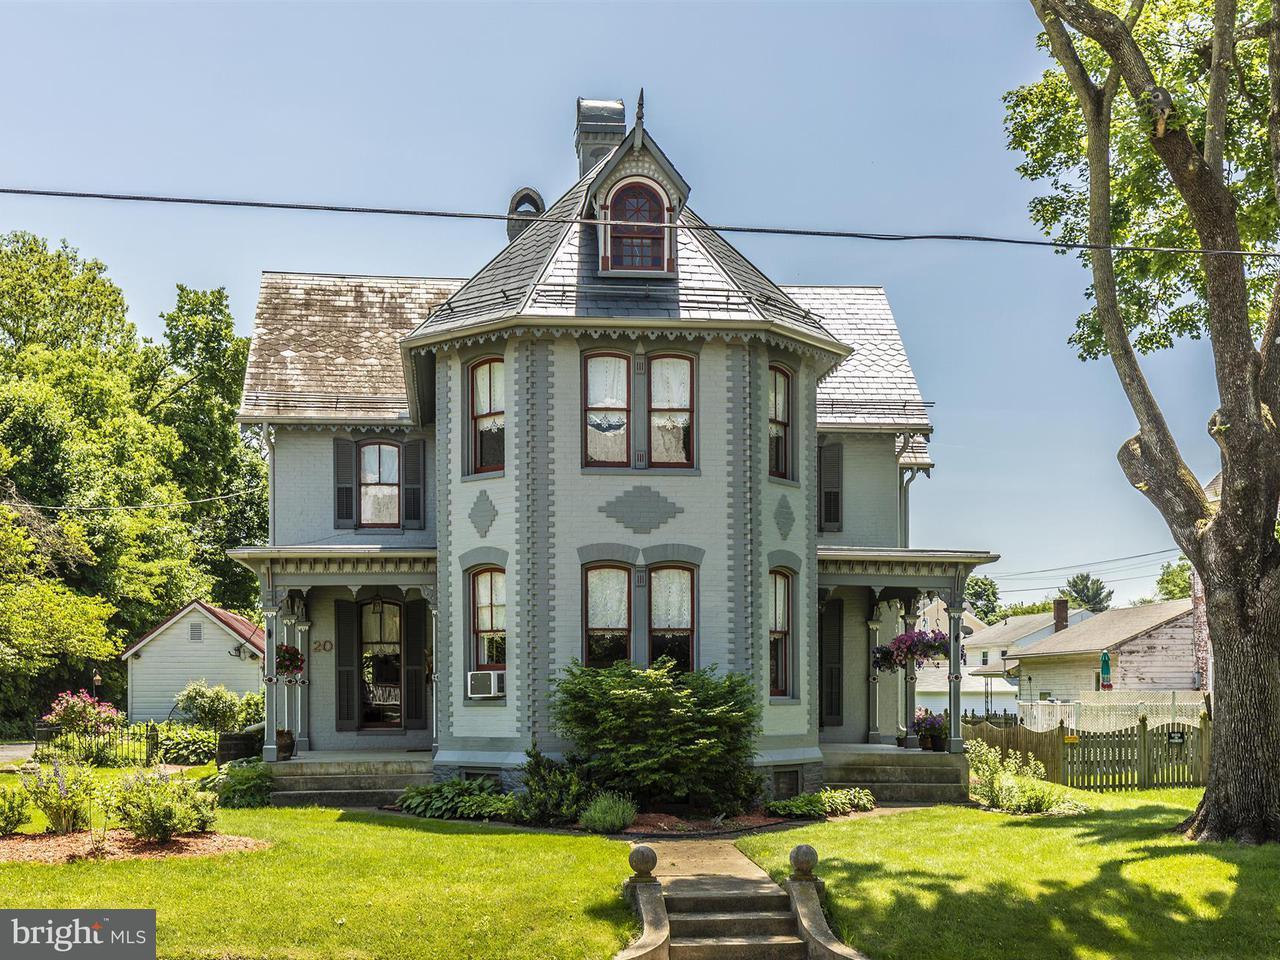 Μονοκατοικία για την Πώληση στο 20 PENNSYLVANIA AVE W 20 PENNSYLVANIA AVE W Walkersville, Μεριλαντ 21793 Ηνωμενεσ Πολιτειεσ